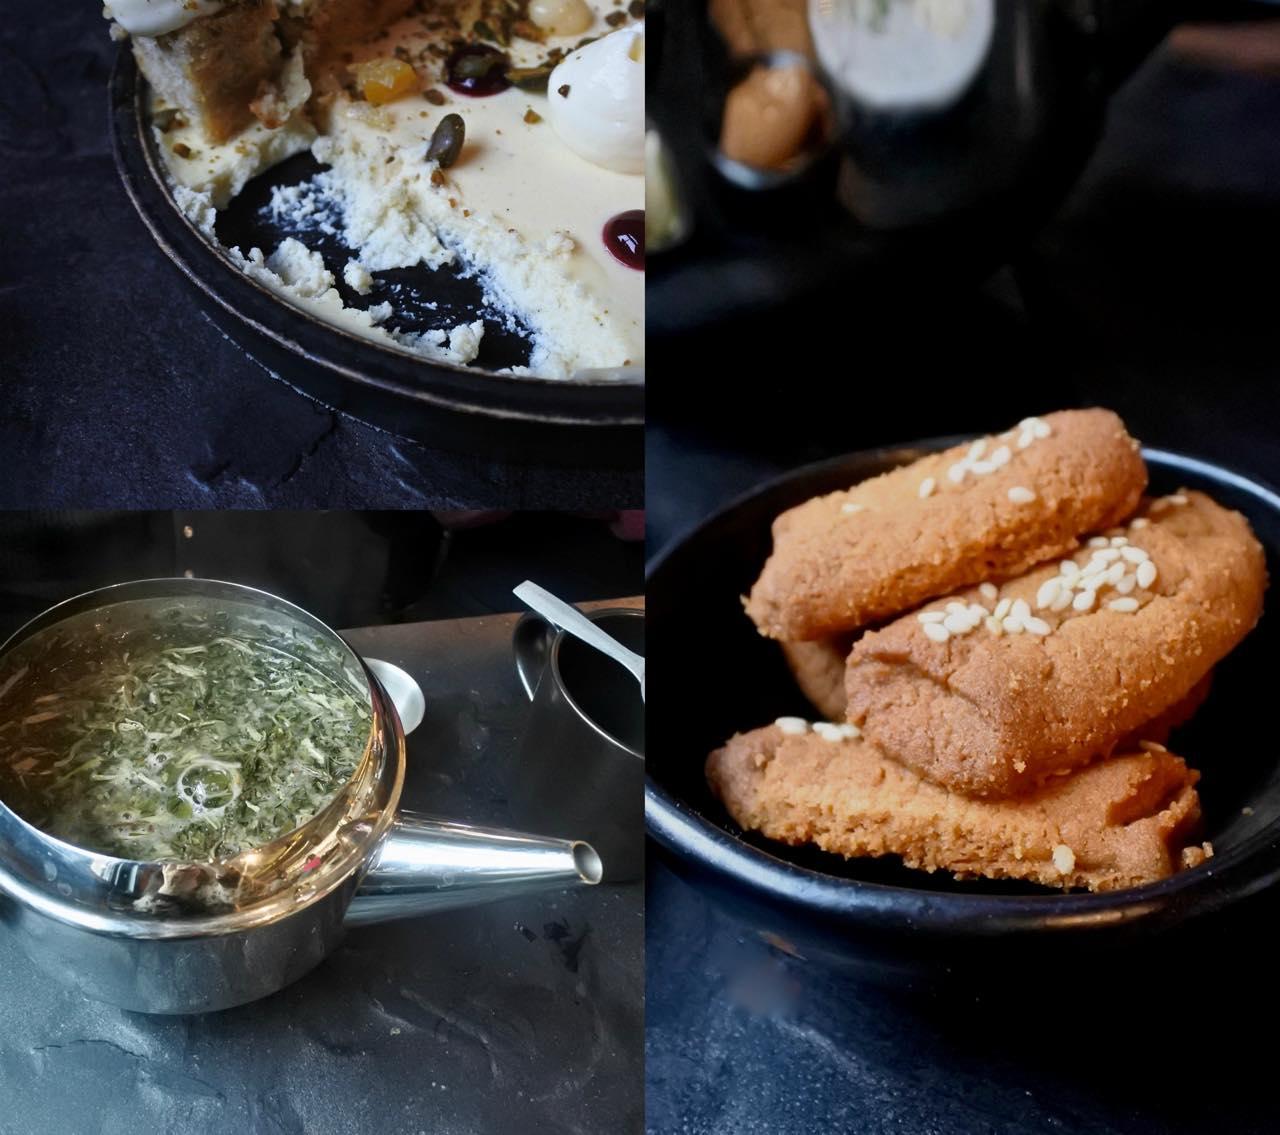 胡麻クッキーを食べにまた来たいw 左下は中東風のハーブ・ティー「Malawi Moto」